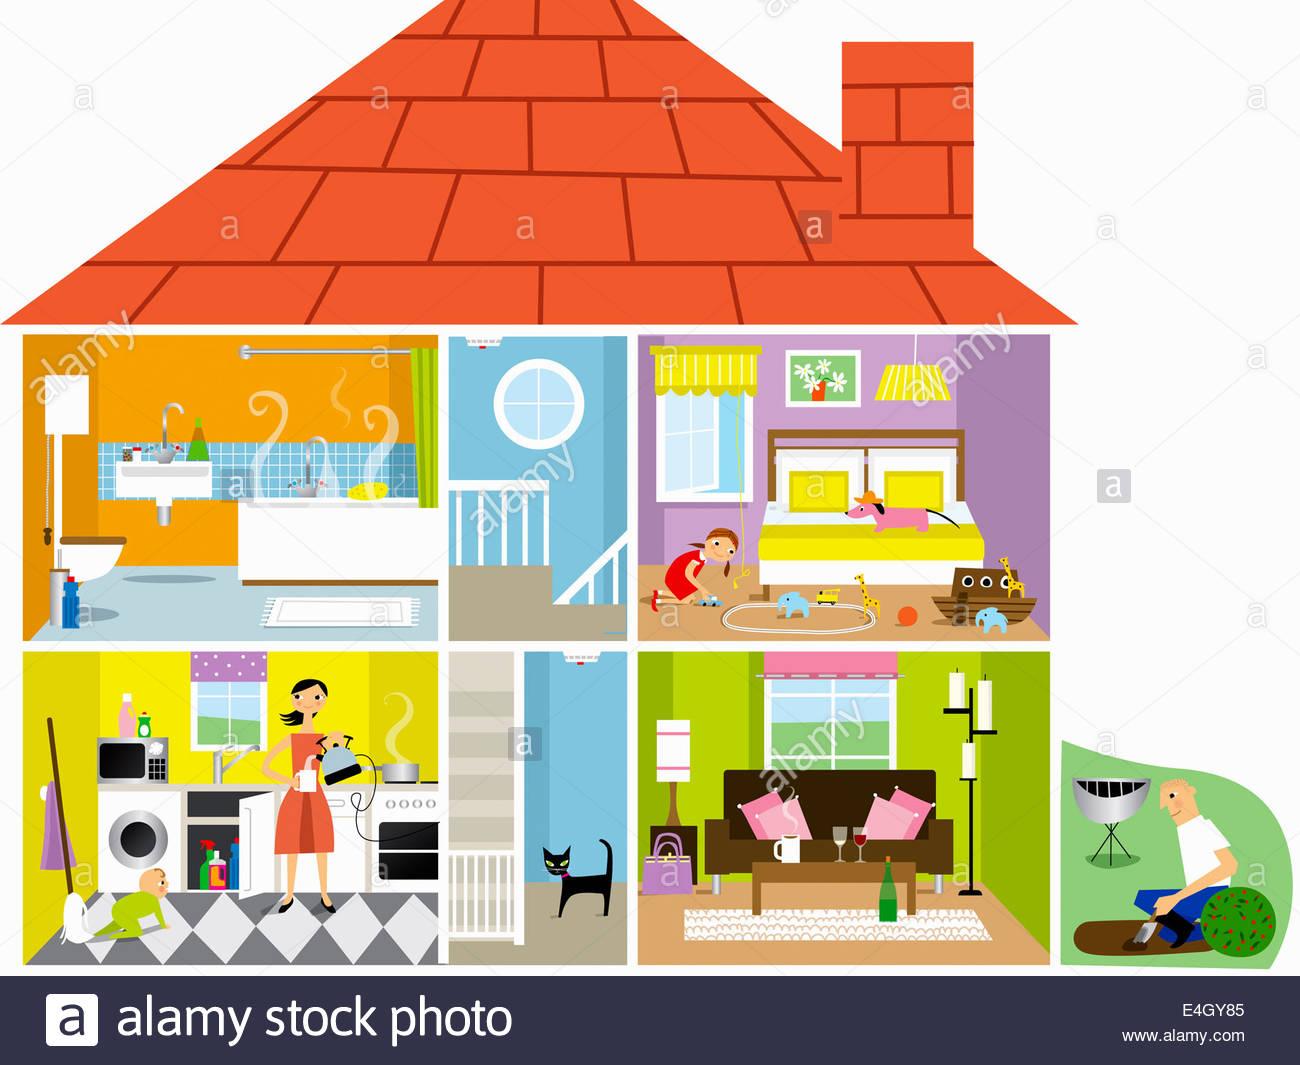 Querschnitt Eines Einfamilienhauses Mit Potenziellen